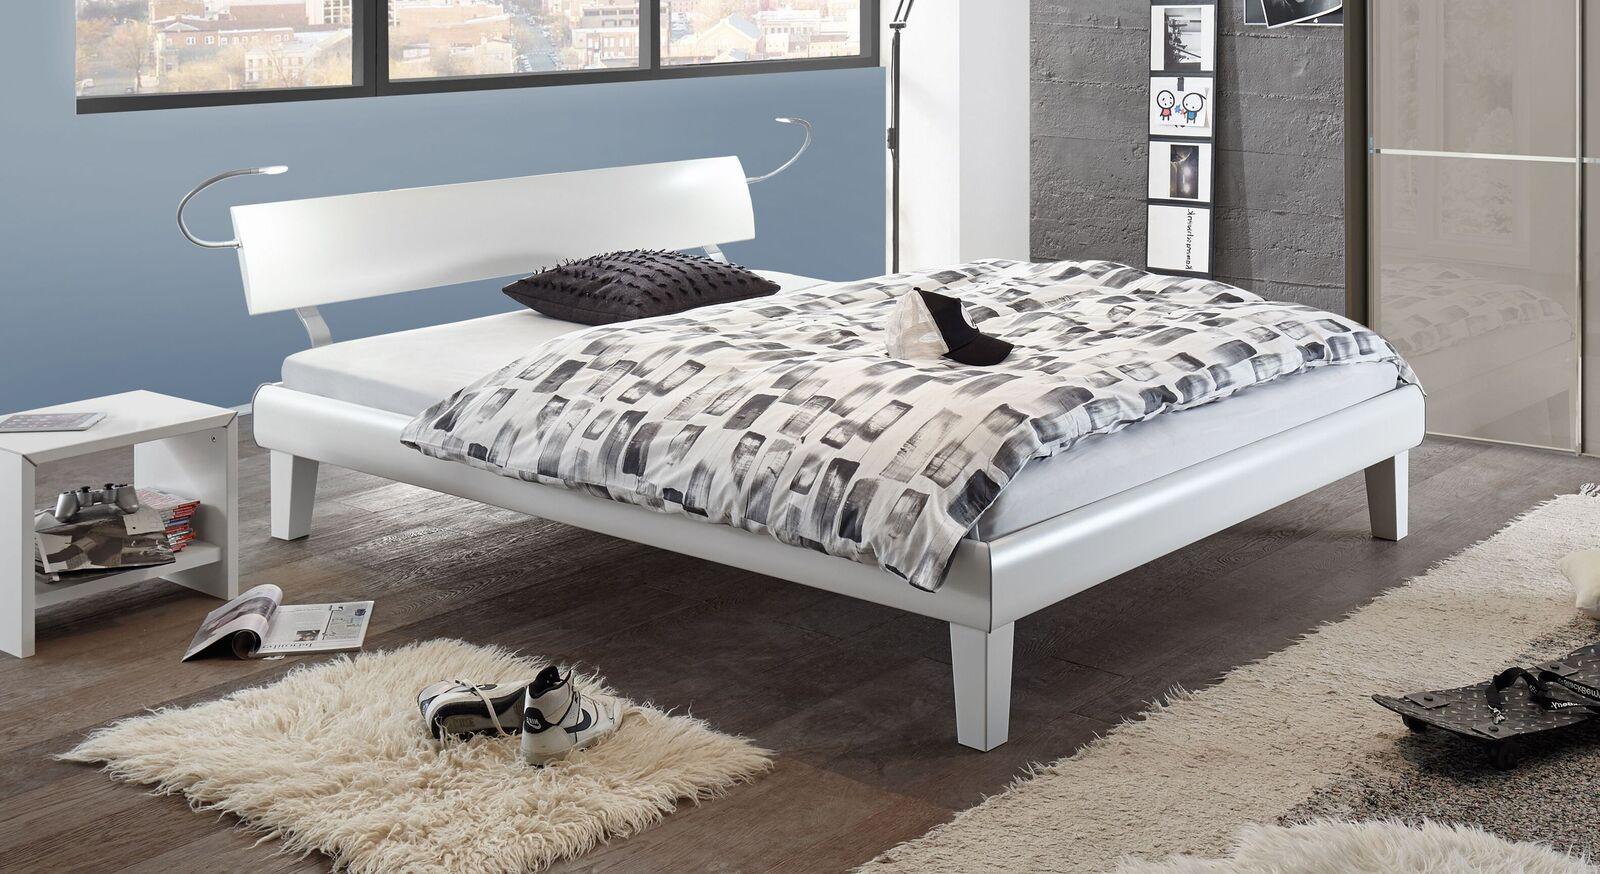 Preiswertes Bett Whiteway aus weißem Dekor